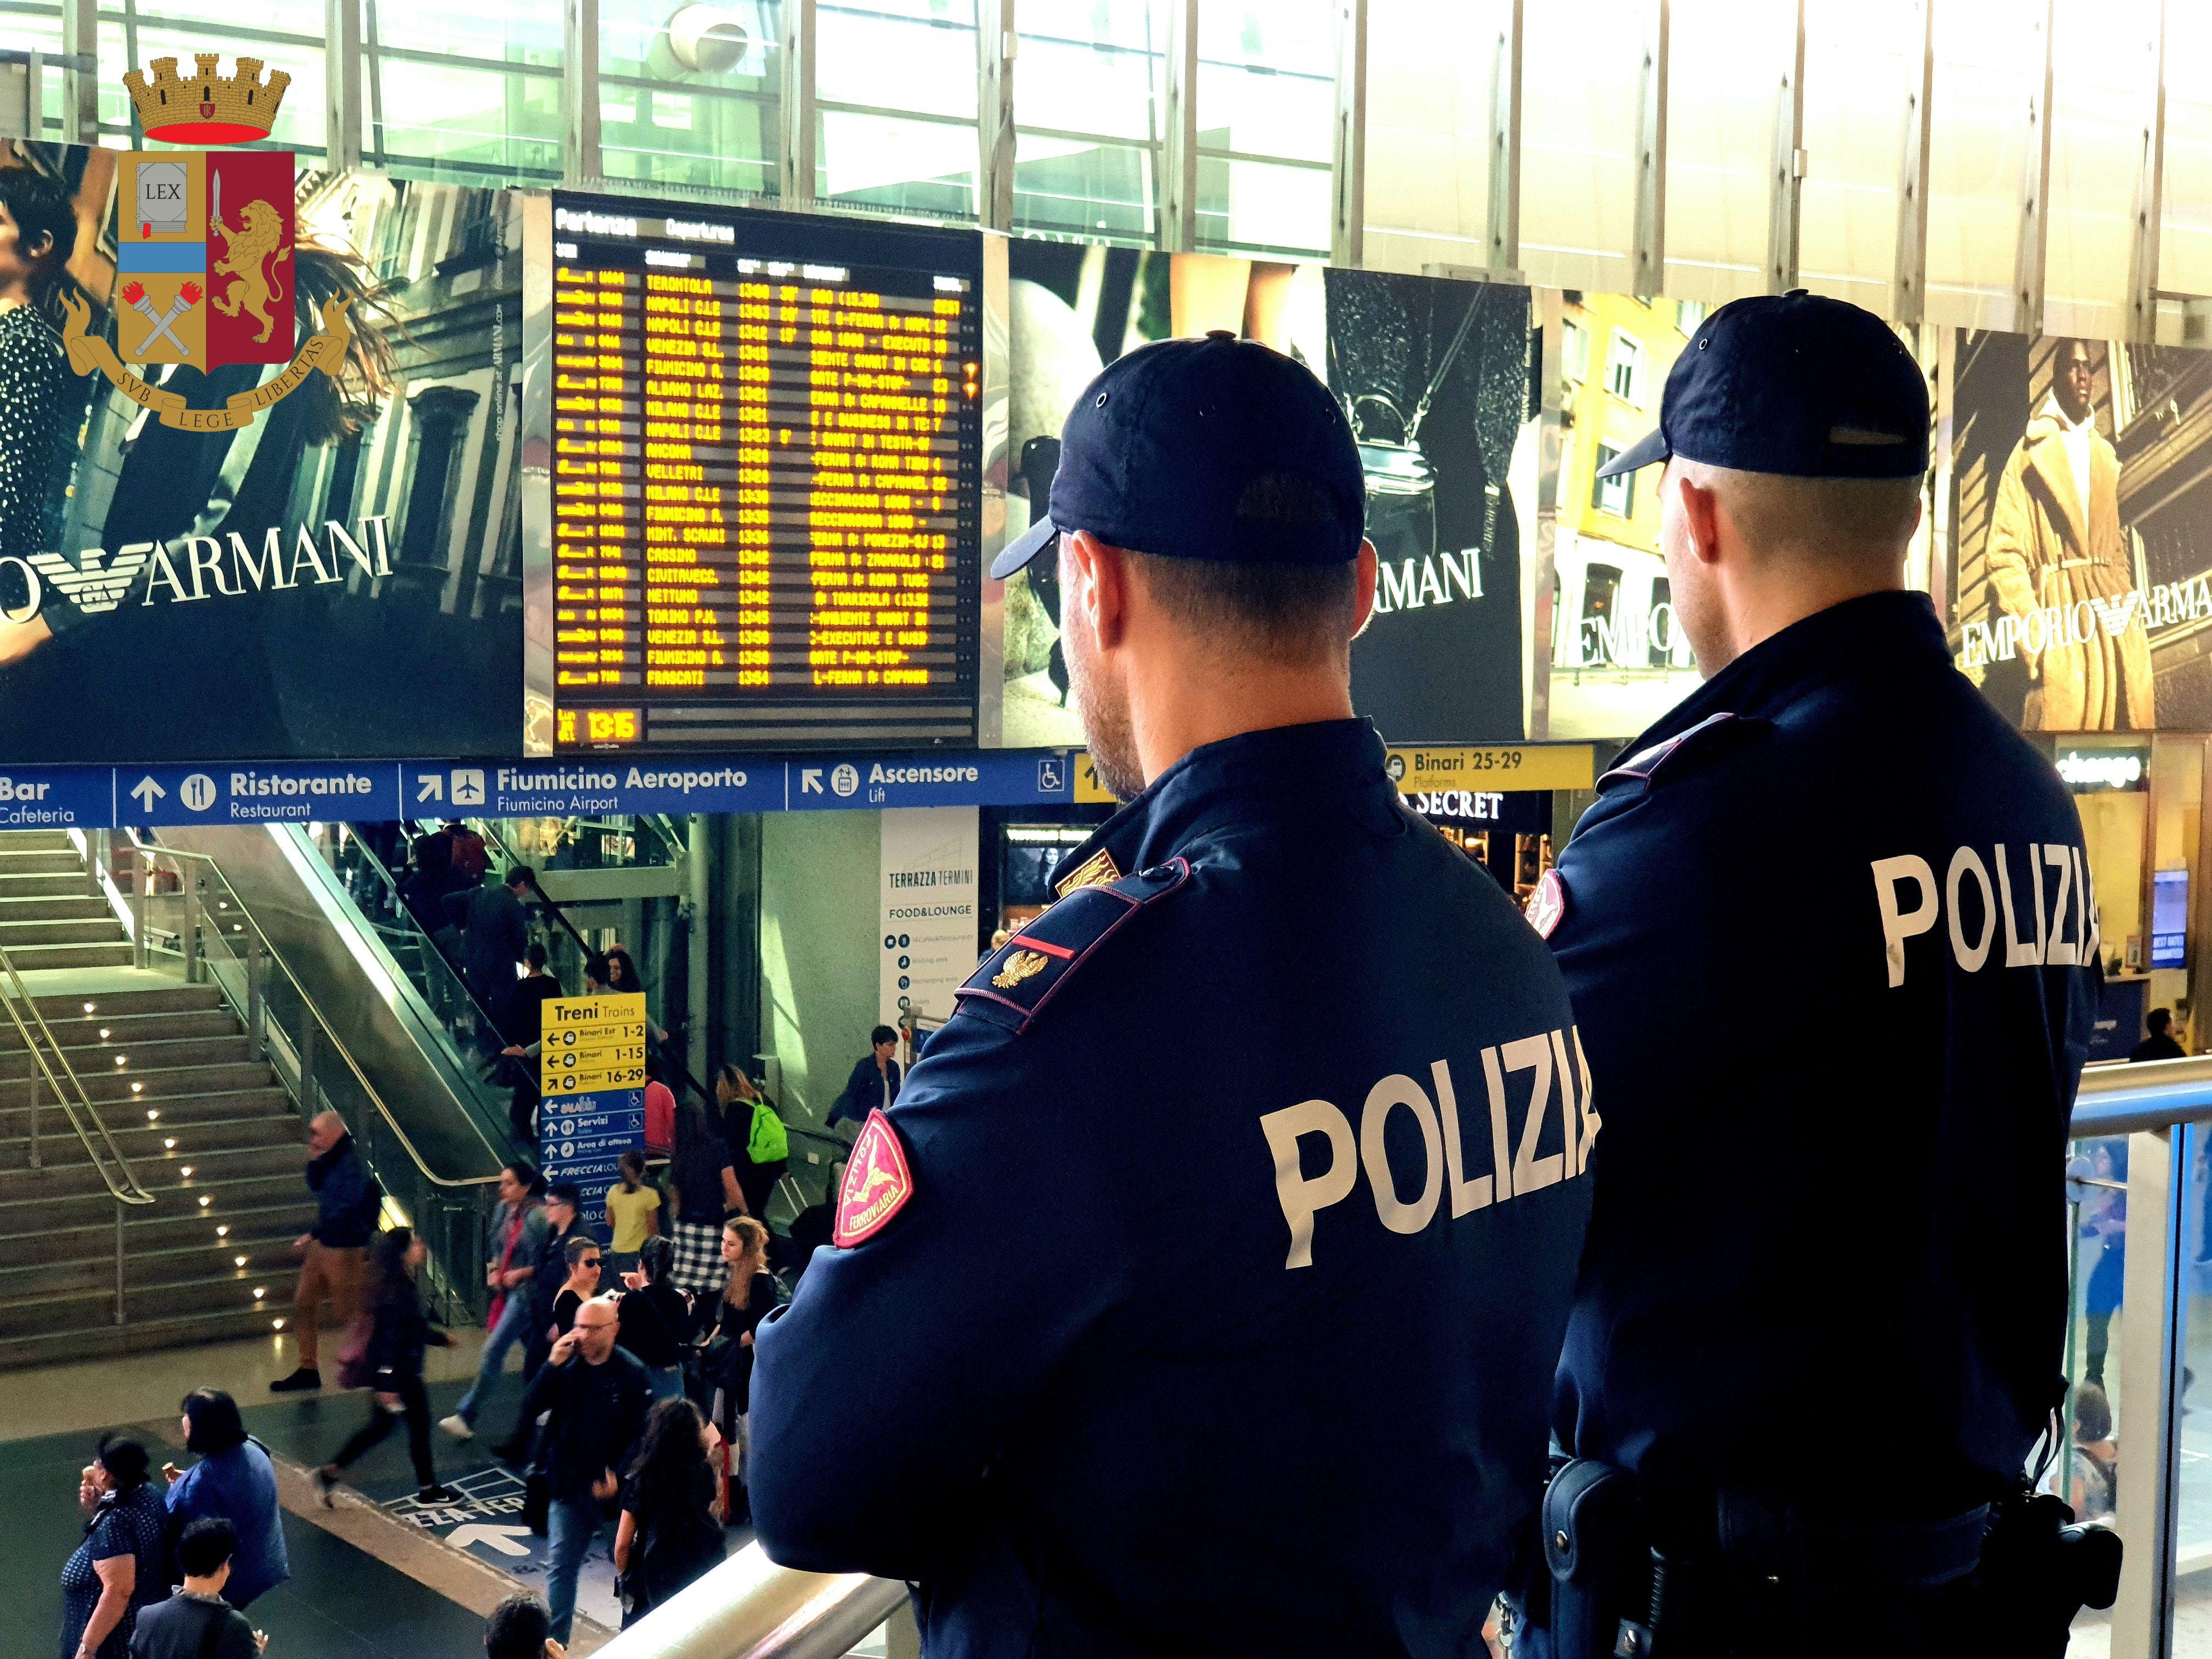 SICUREZZA - Vacanze: raffica di controlli nelle stazioni ferroviarie